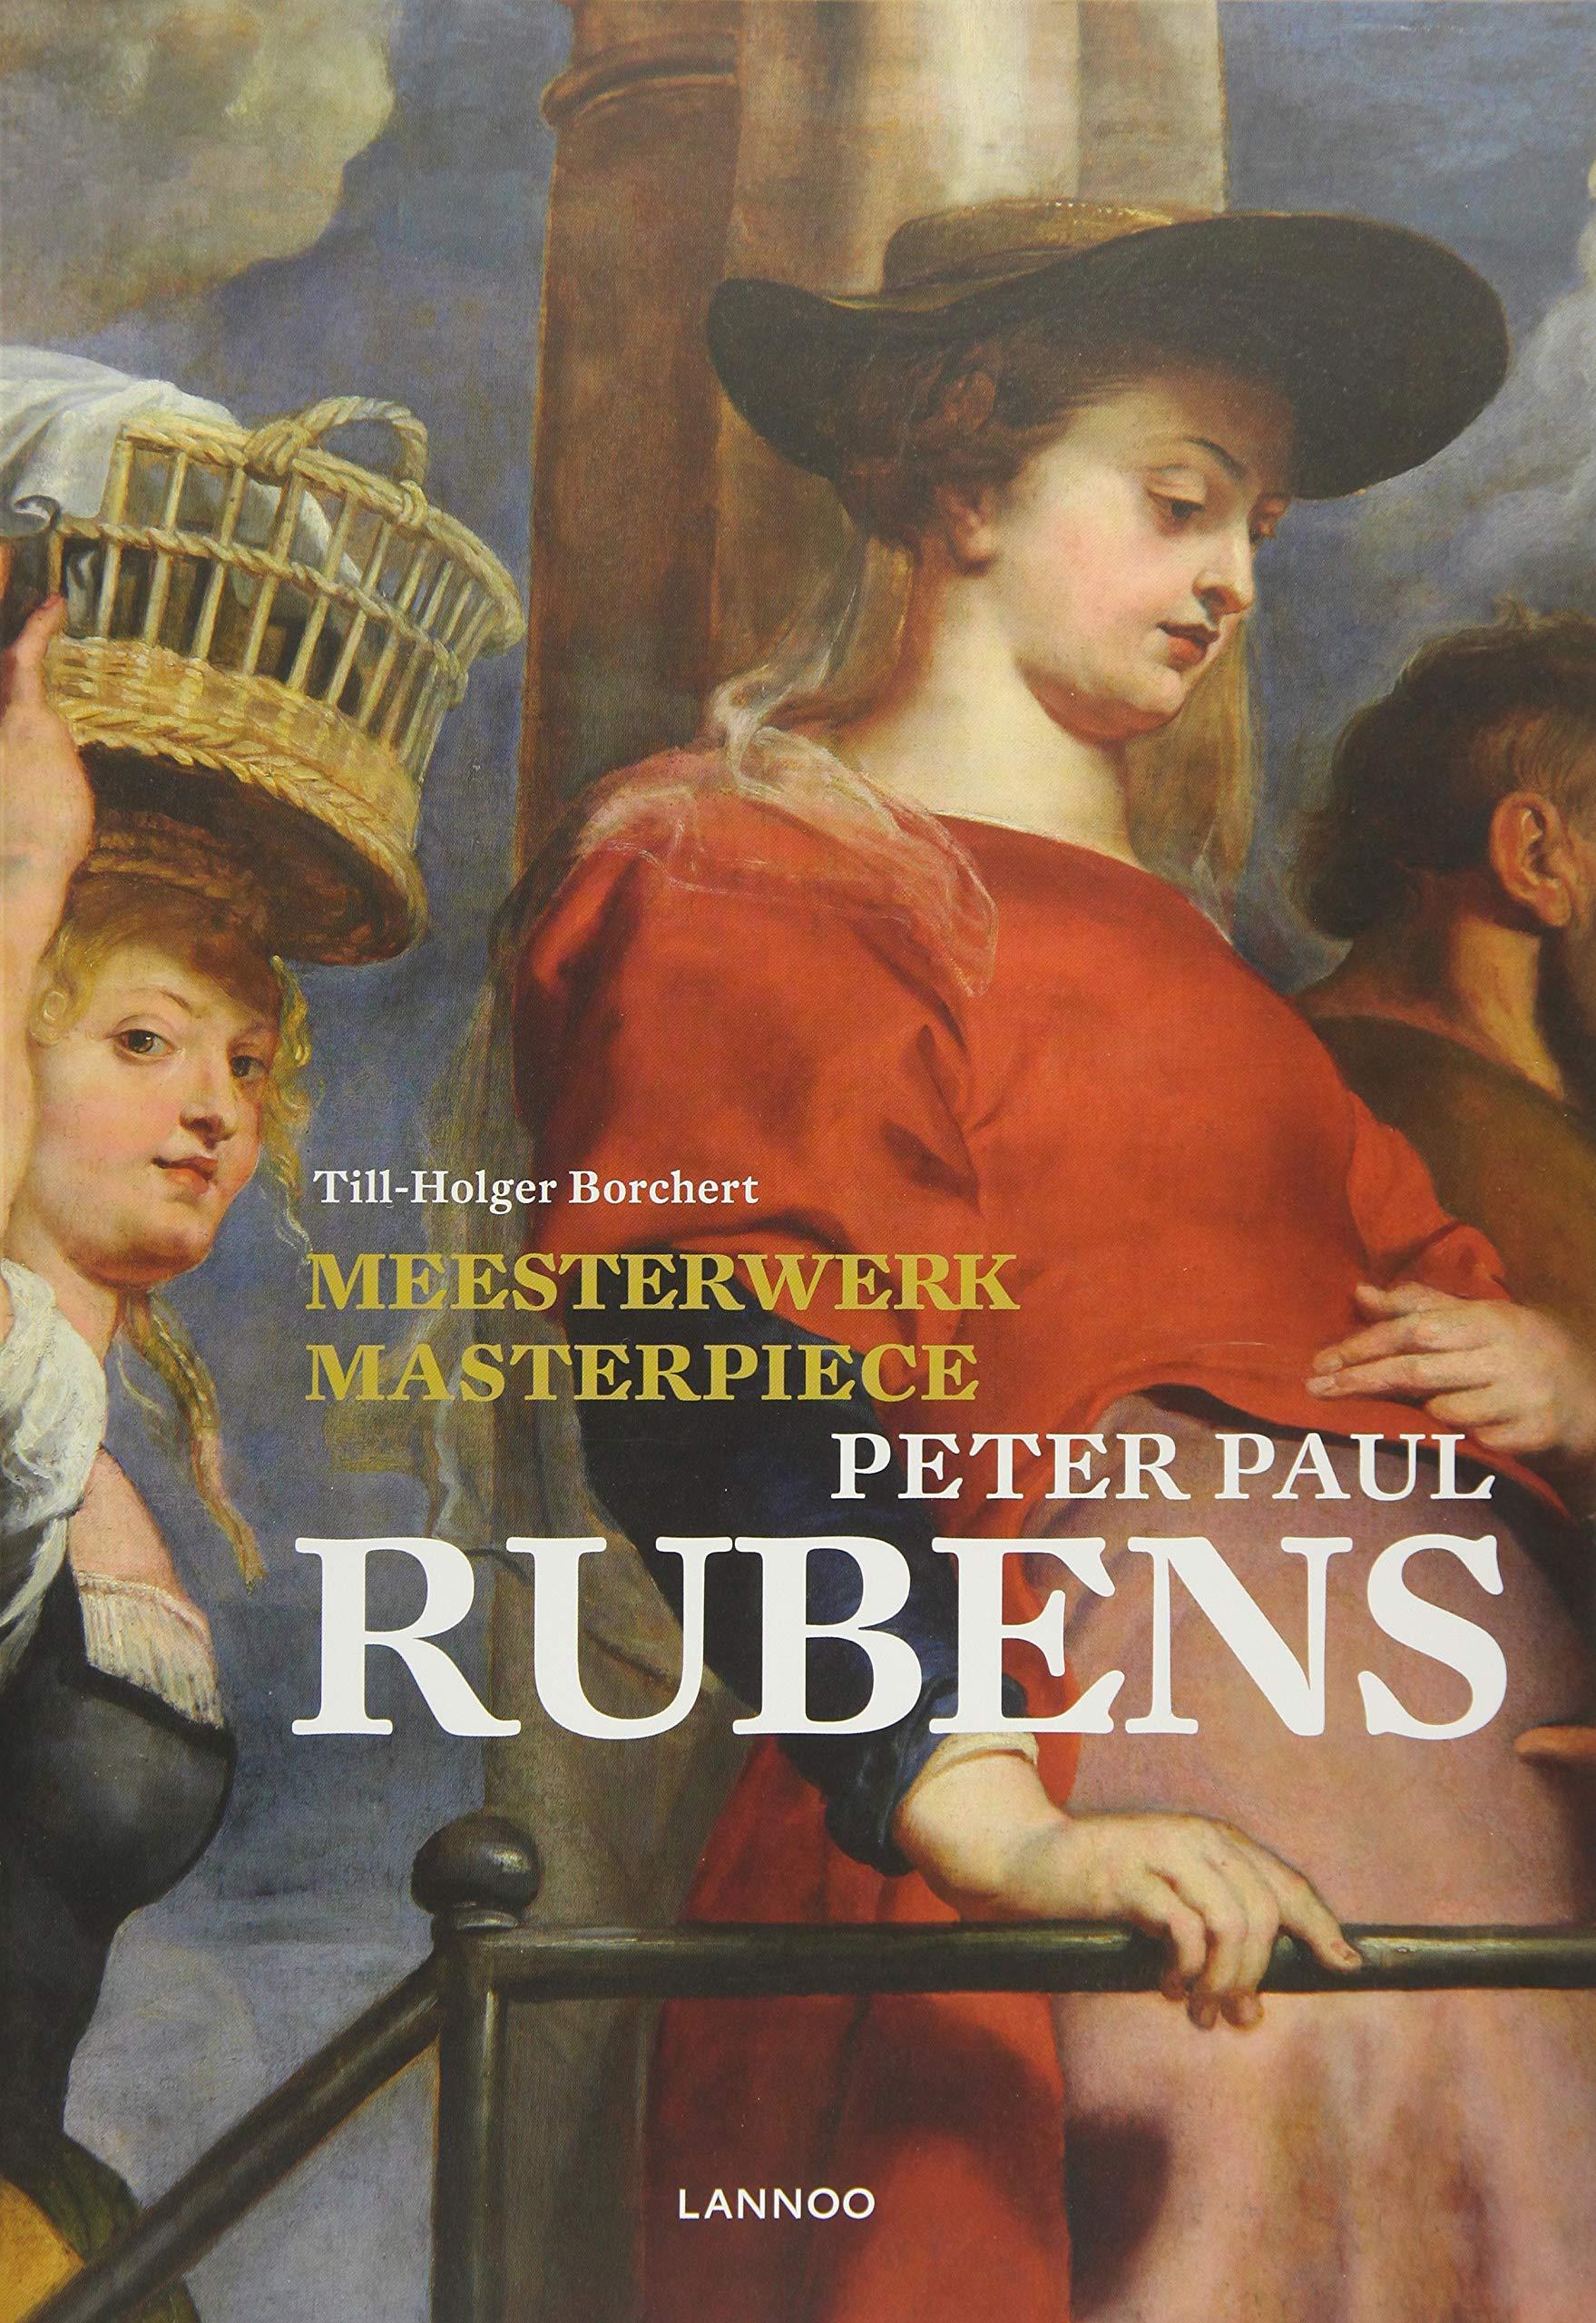 masterpiece peter paul rubens meesterwerk masterpiece